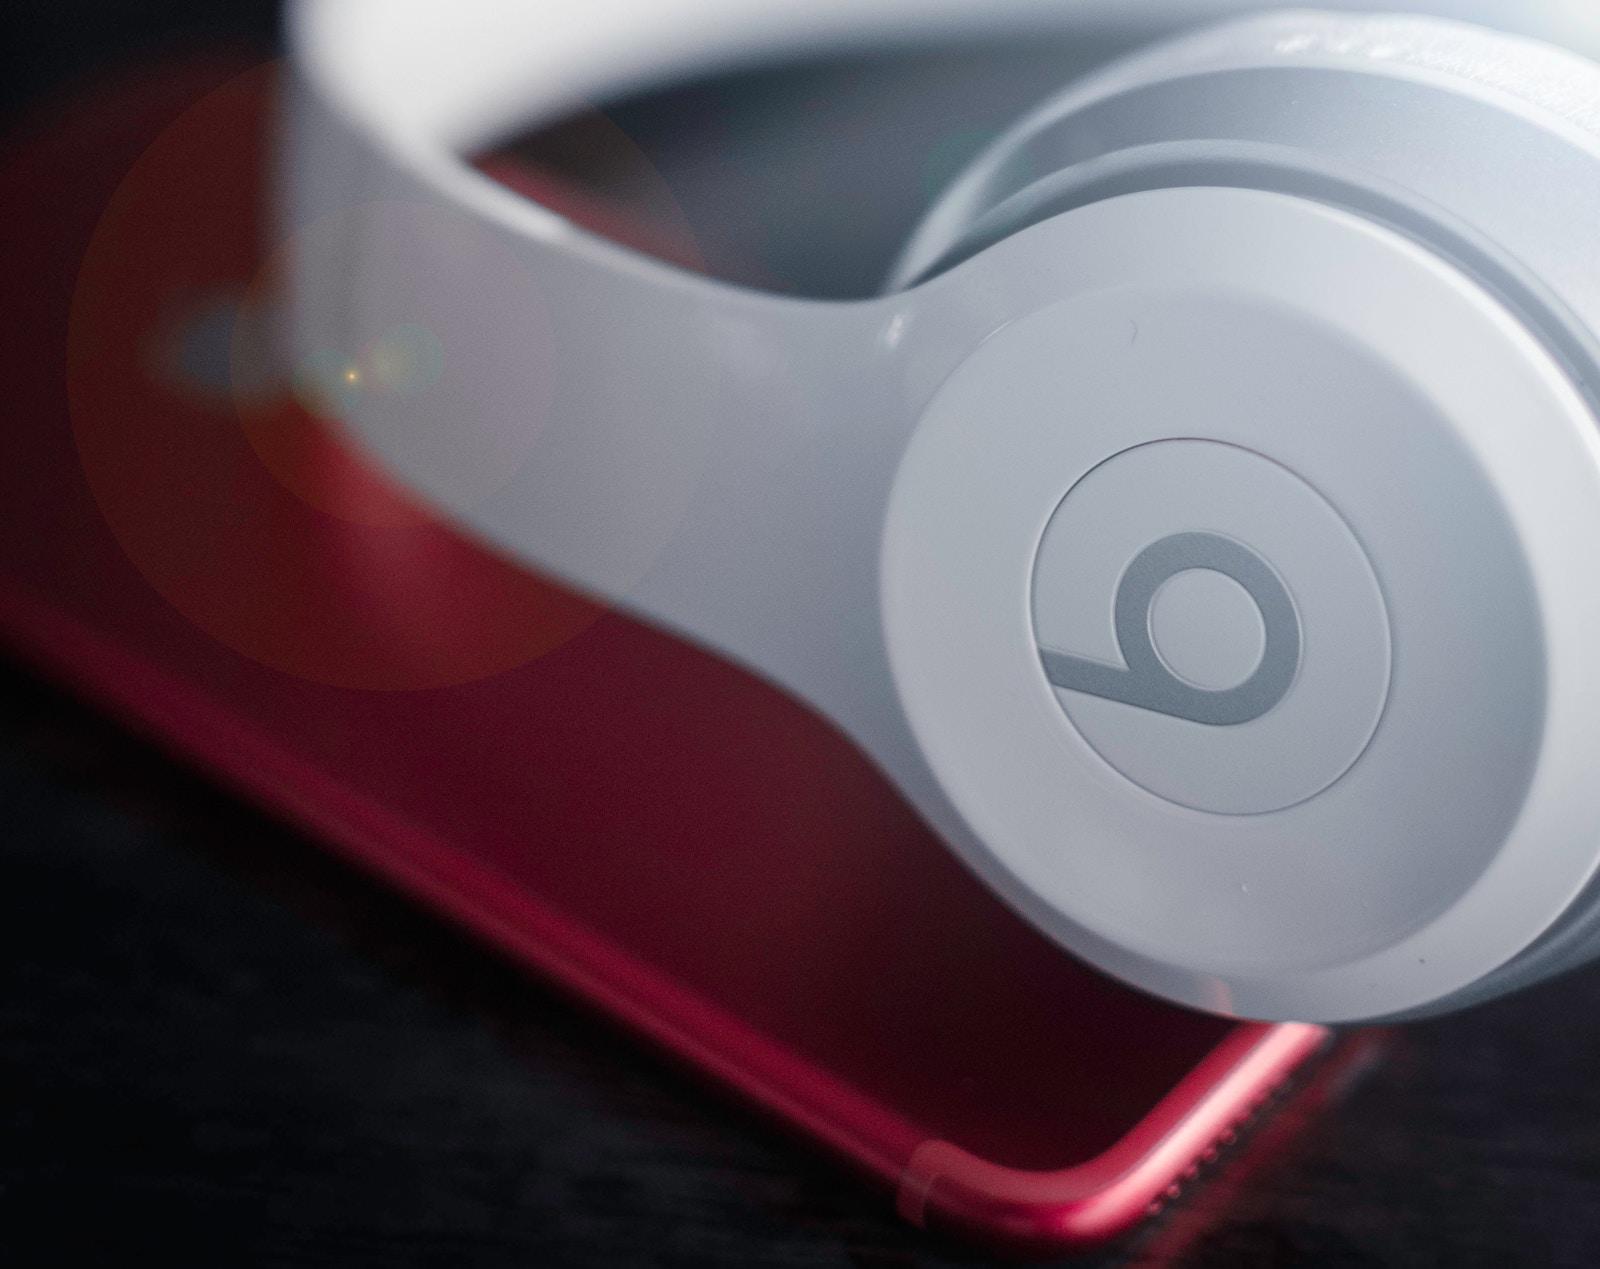 Apple Music v Ukraїni zapustyla «studentśku peredplatu» na svij servis